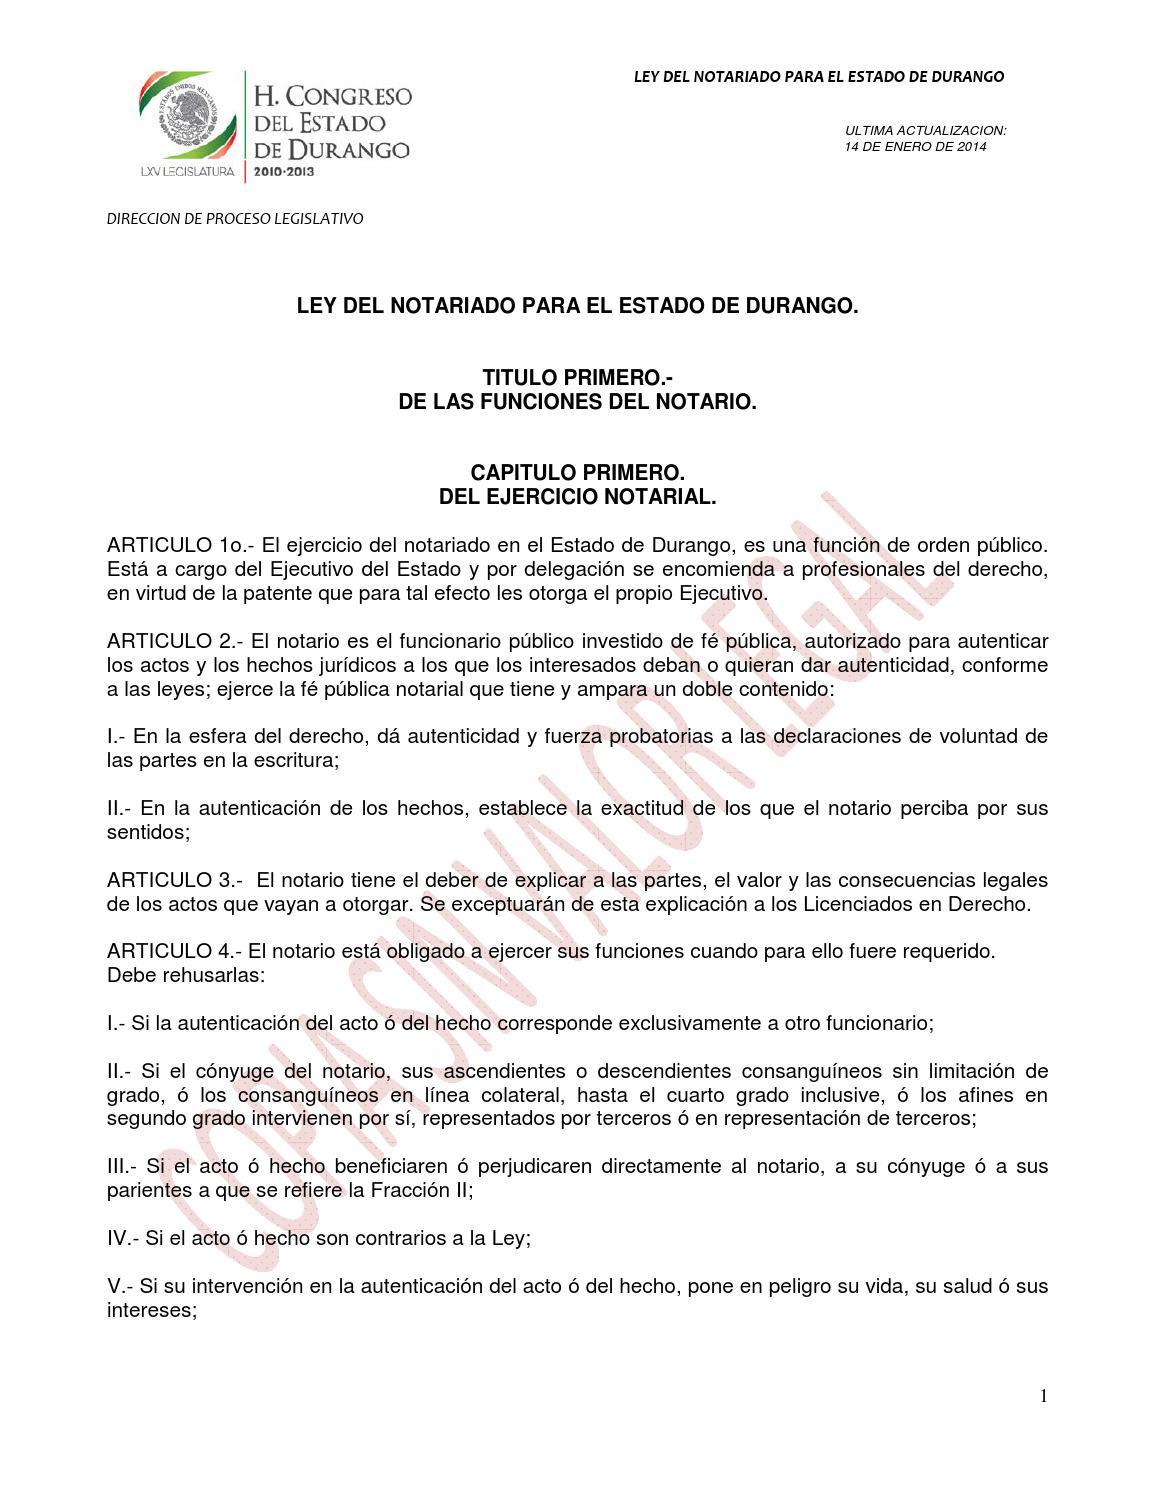 Ley del notariado by Fakto - issuu